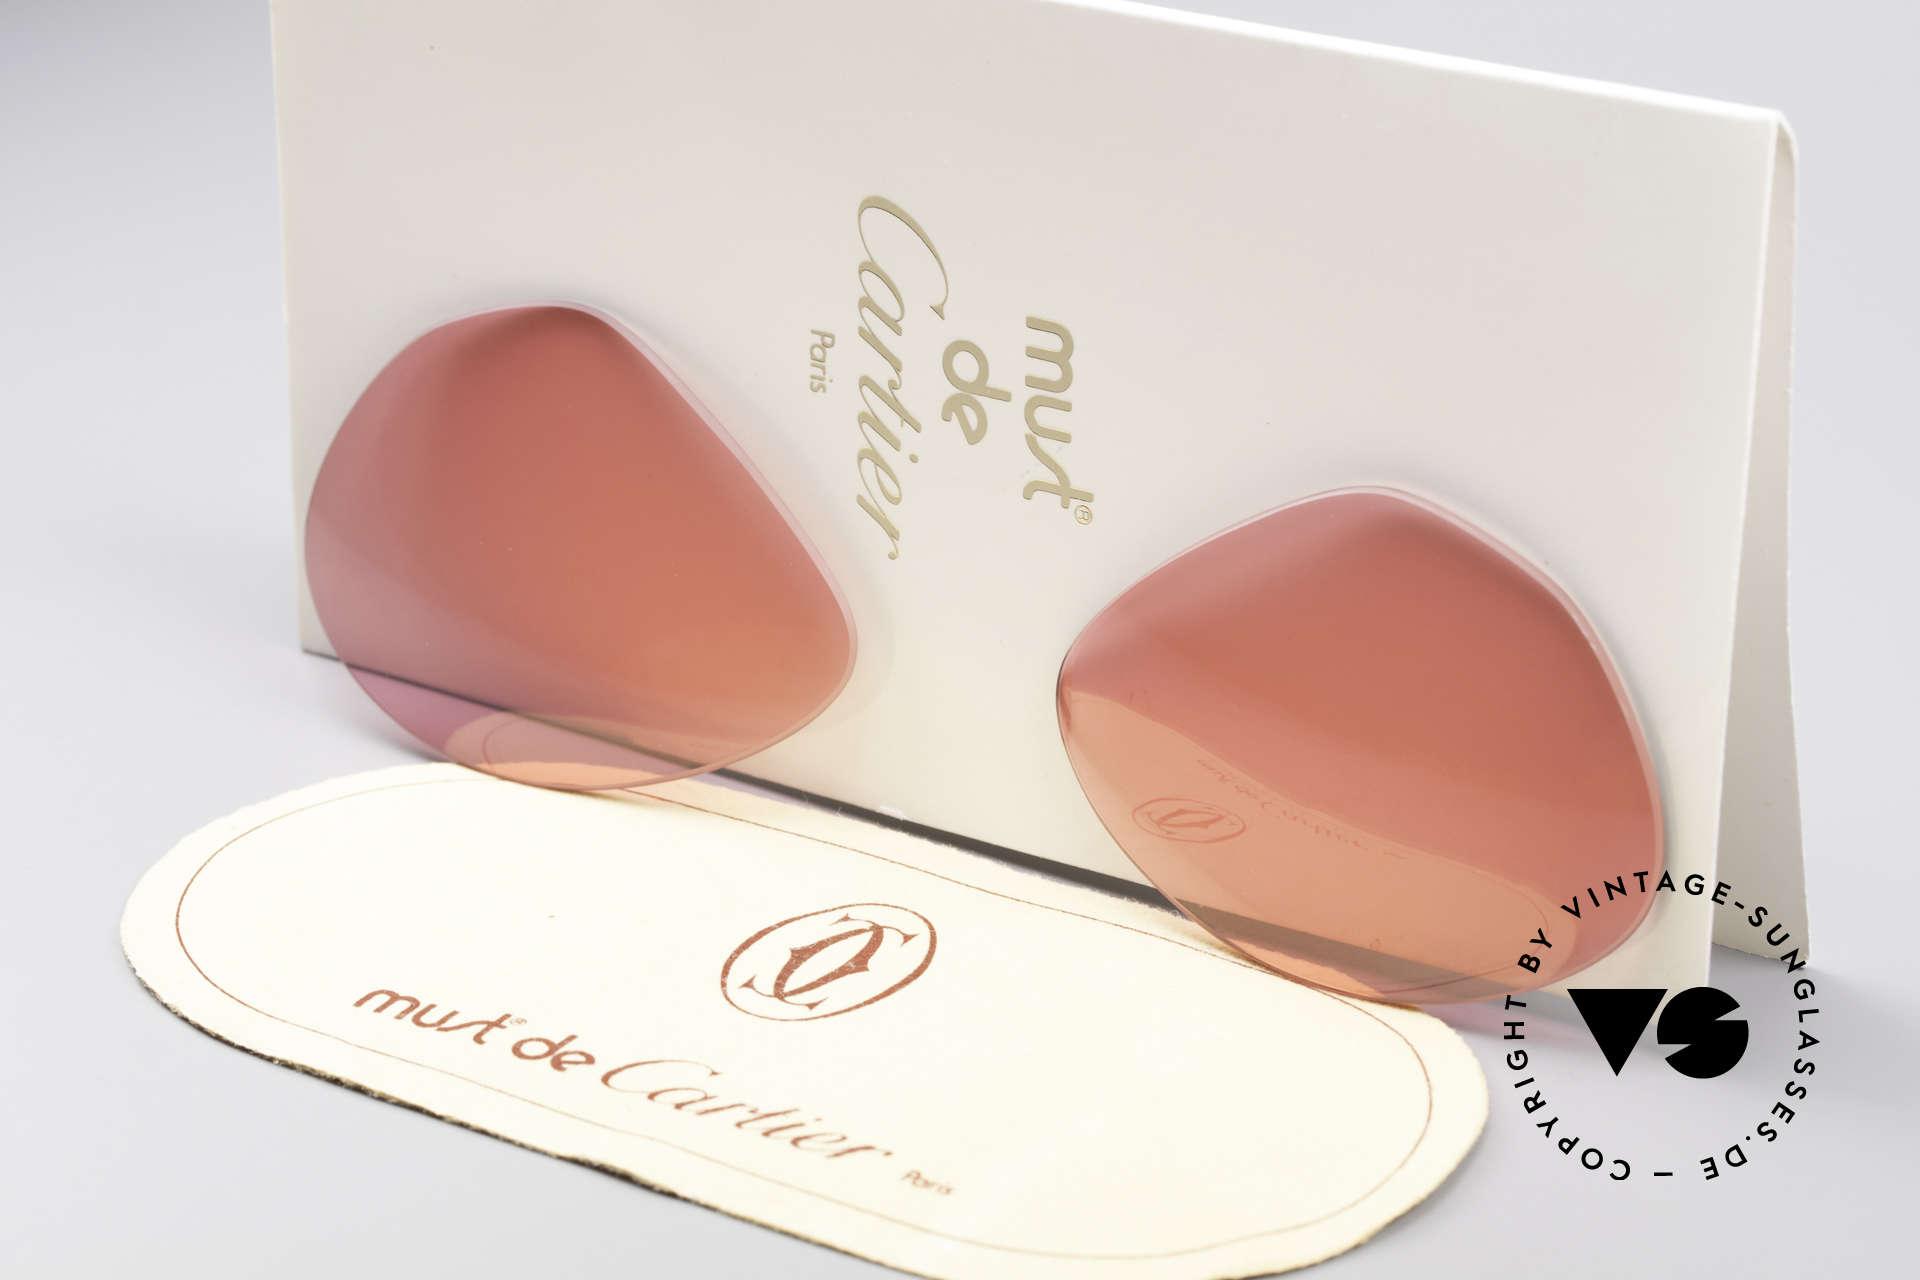 Cartier Vendome Lenses - M Sonnengläser Pink, neue CR39 UV400 Kunststoff-Gläser (100% UV Schutz), Passend für Herren und Damen